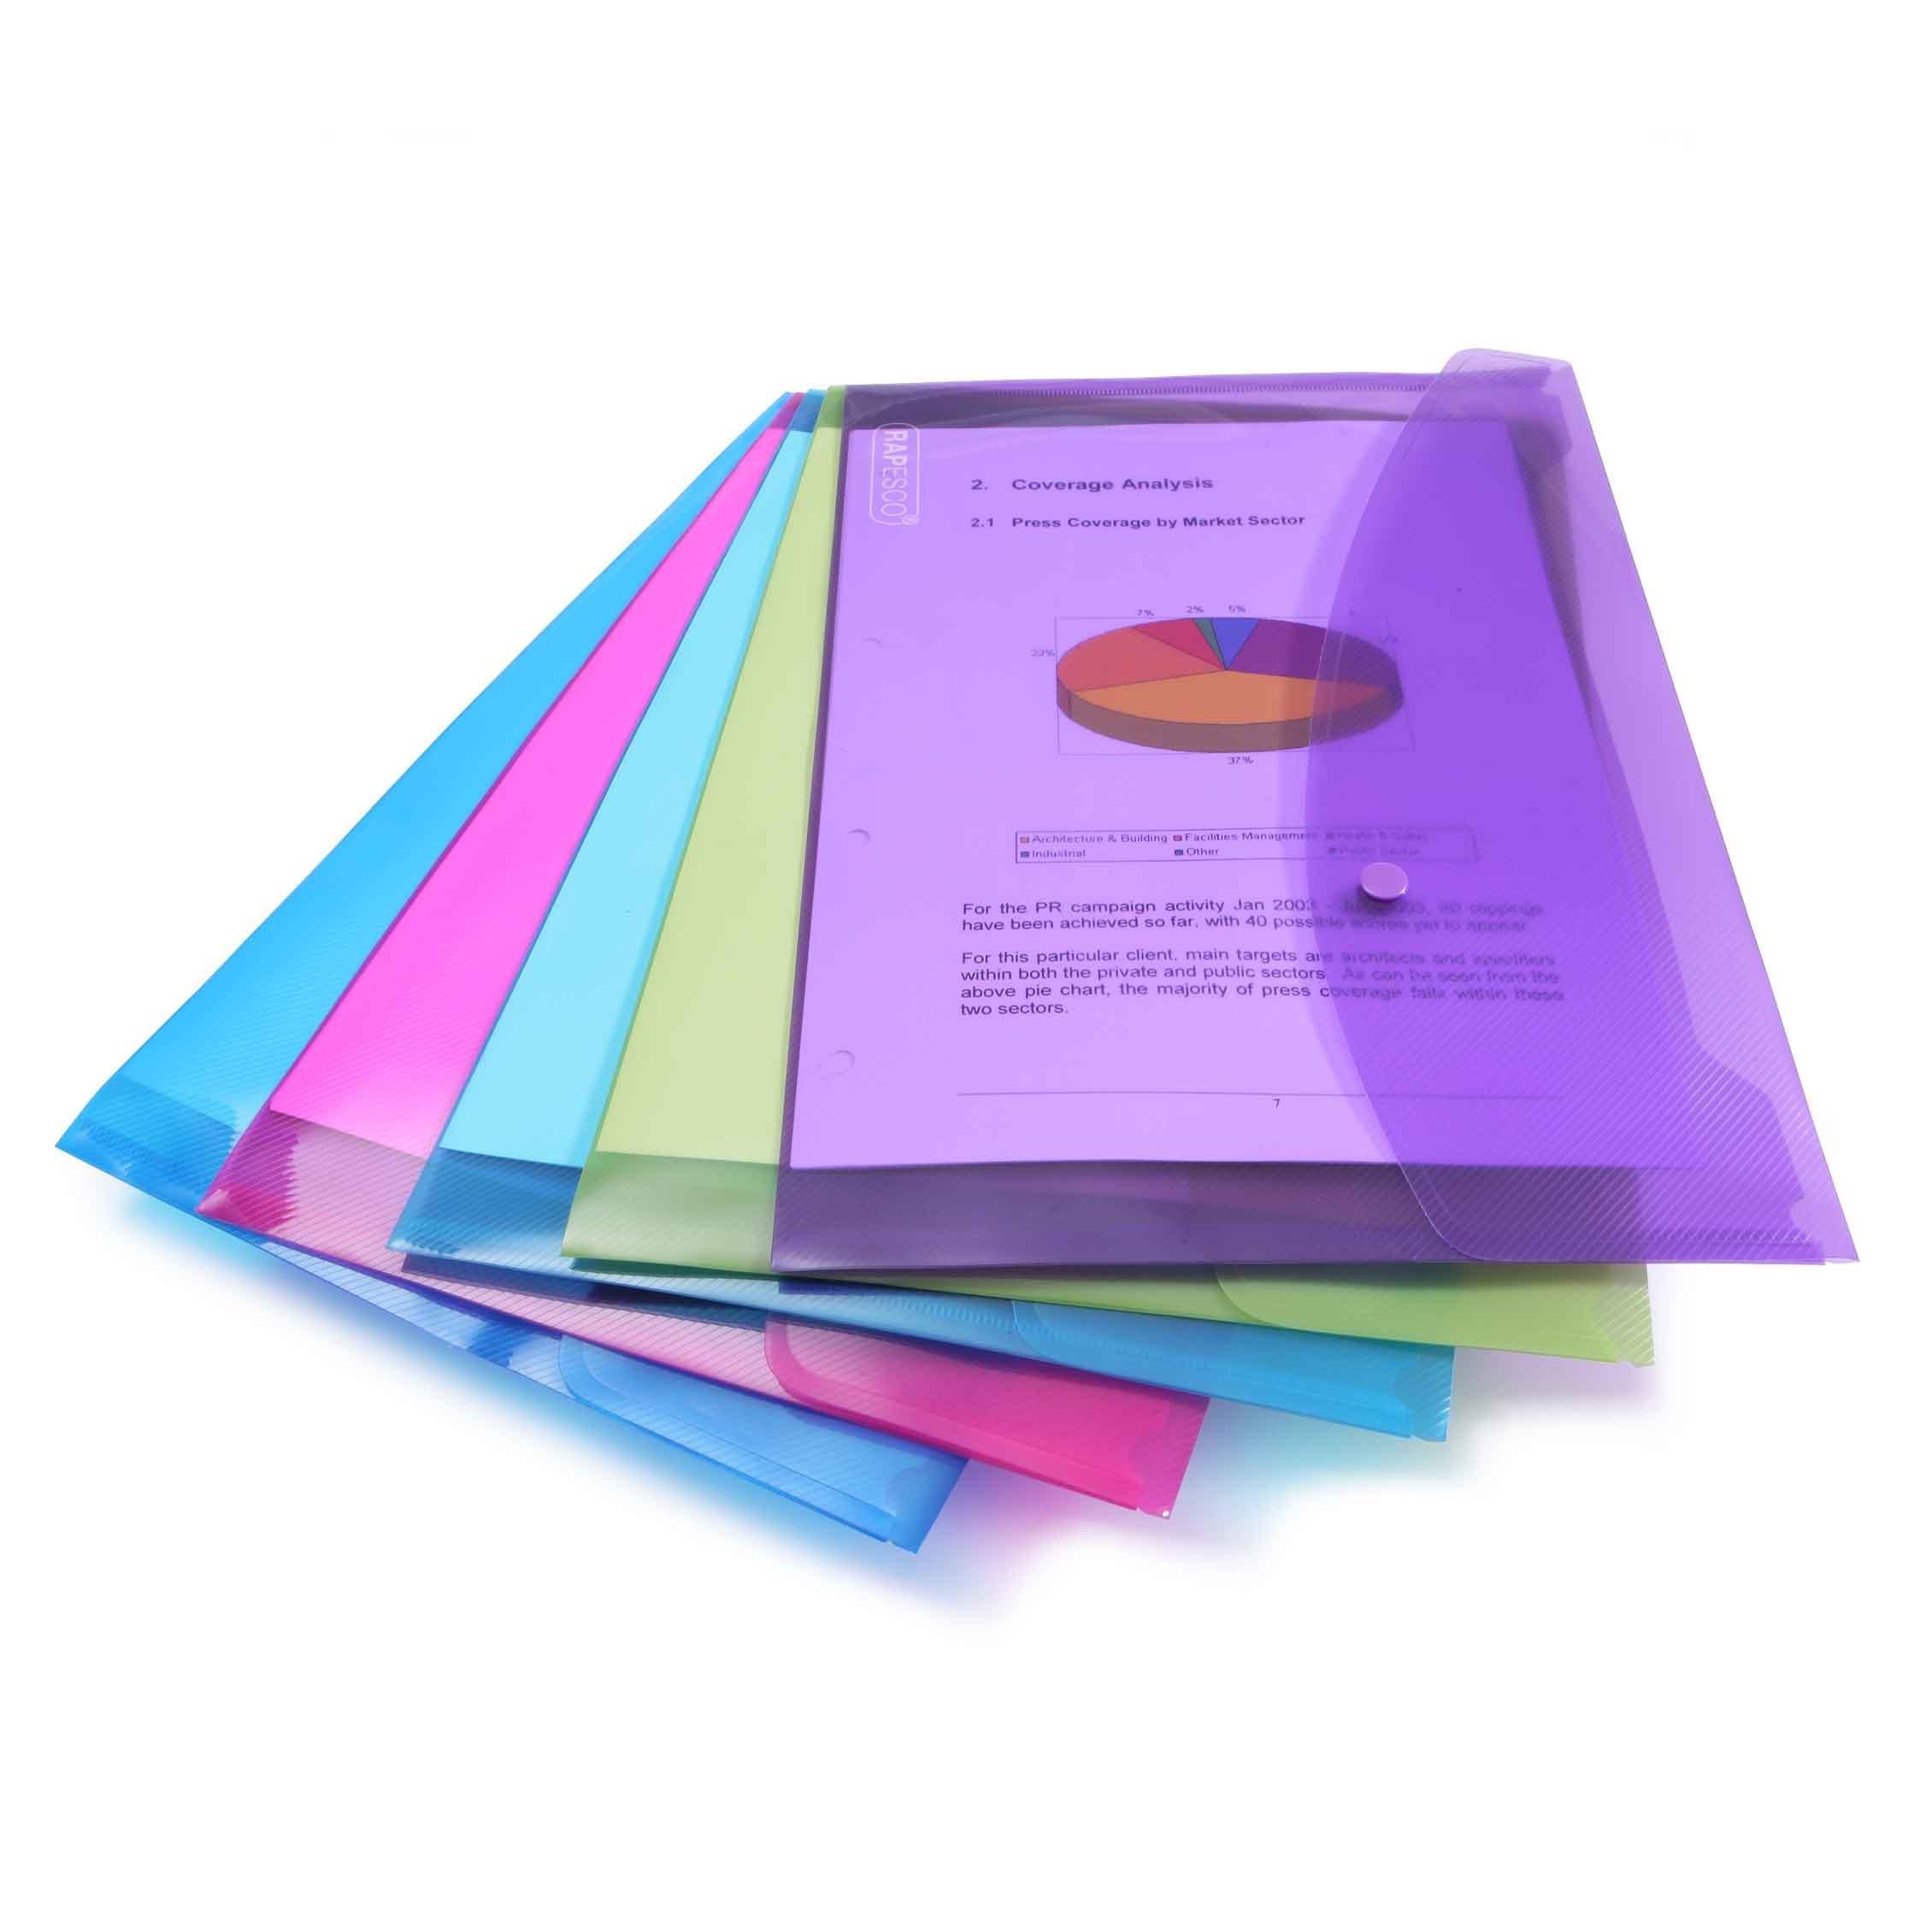 Rapesco Documentos - Carpeta portafolios A4+ horizontal, en varios colores traslúcidos, 5 unidades product